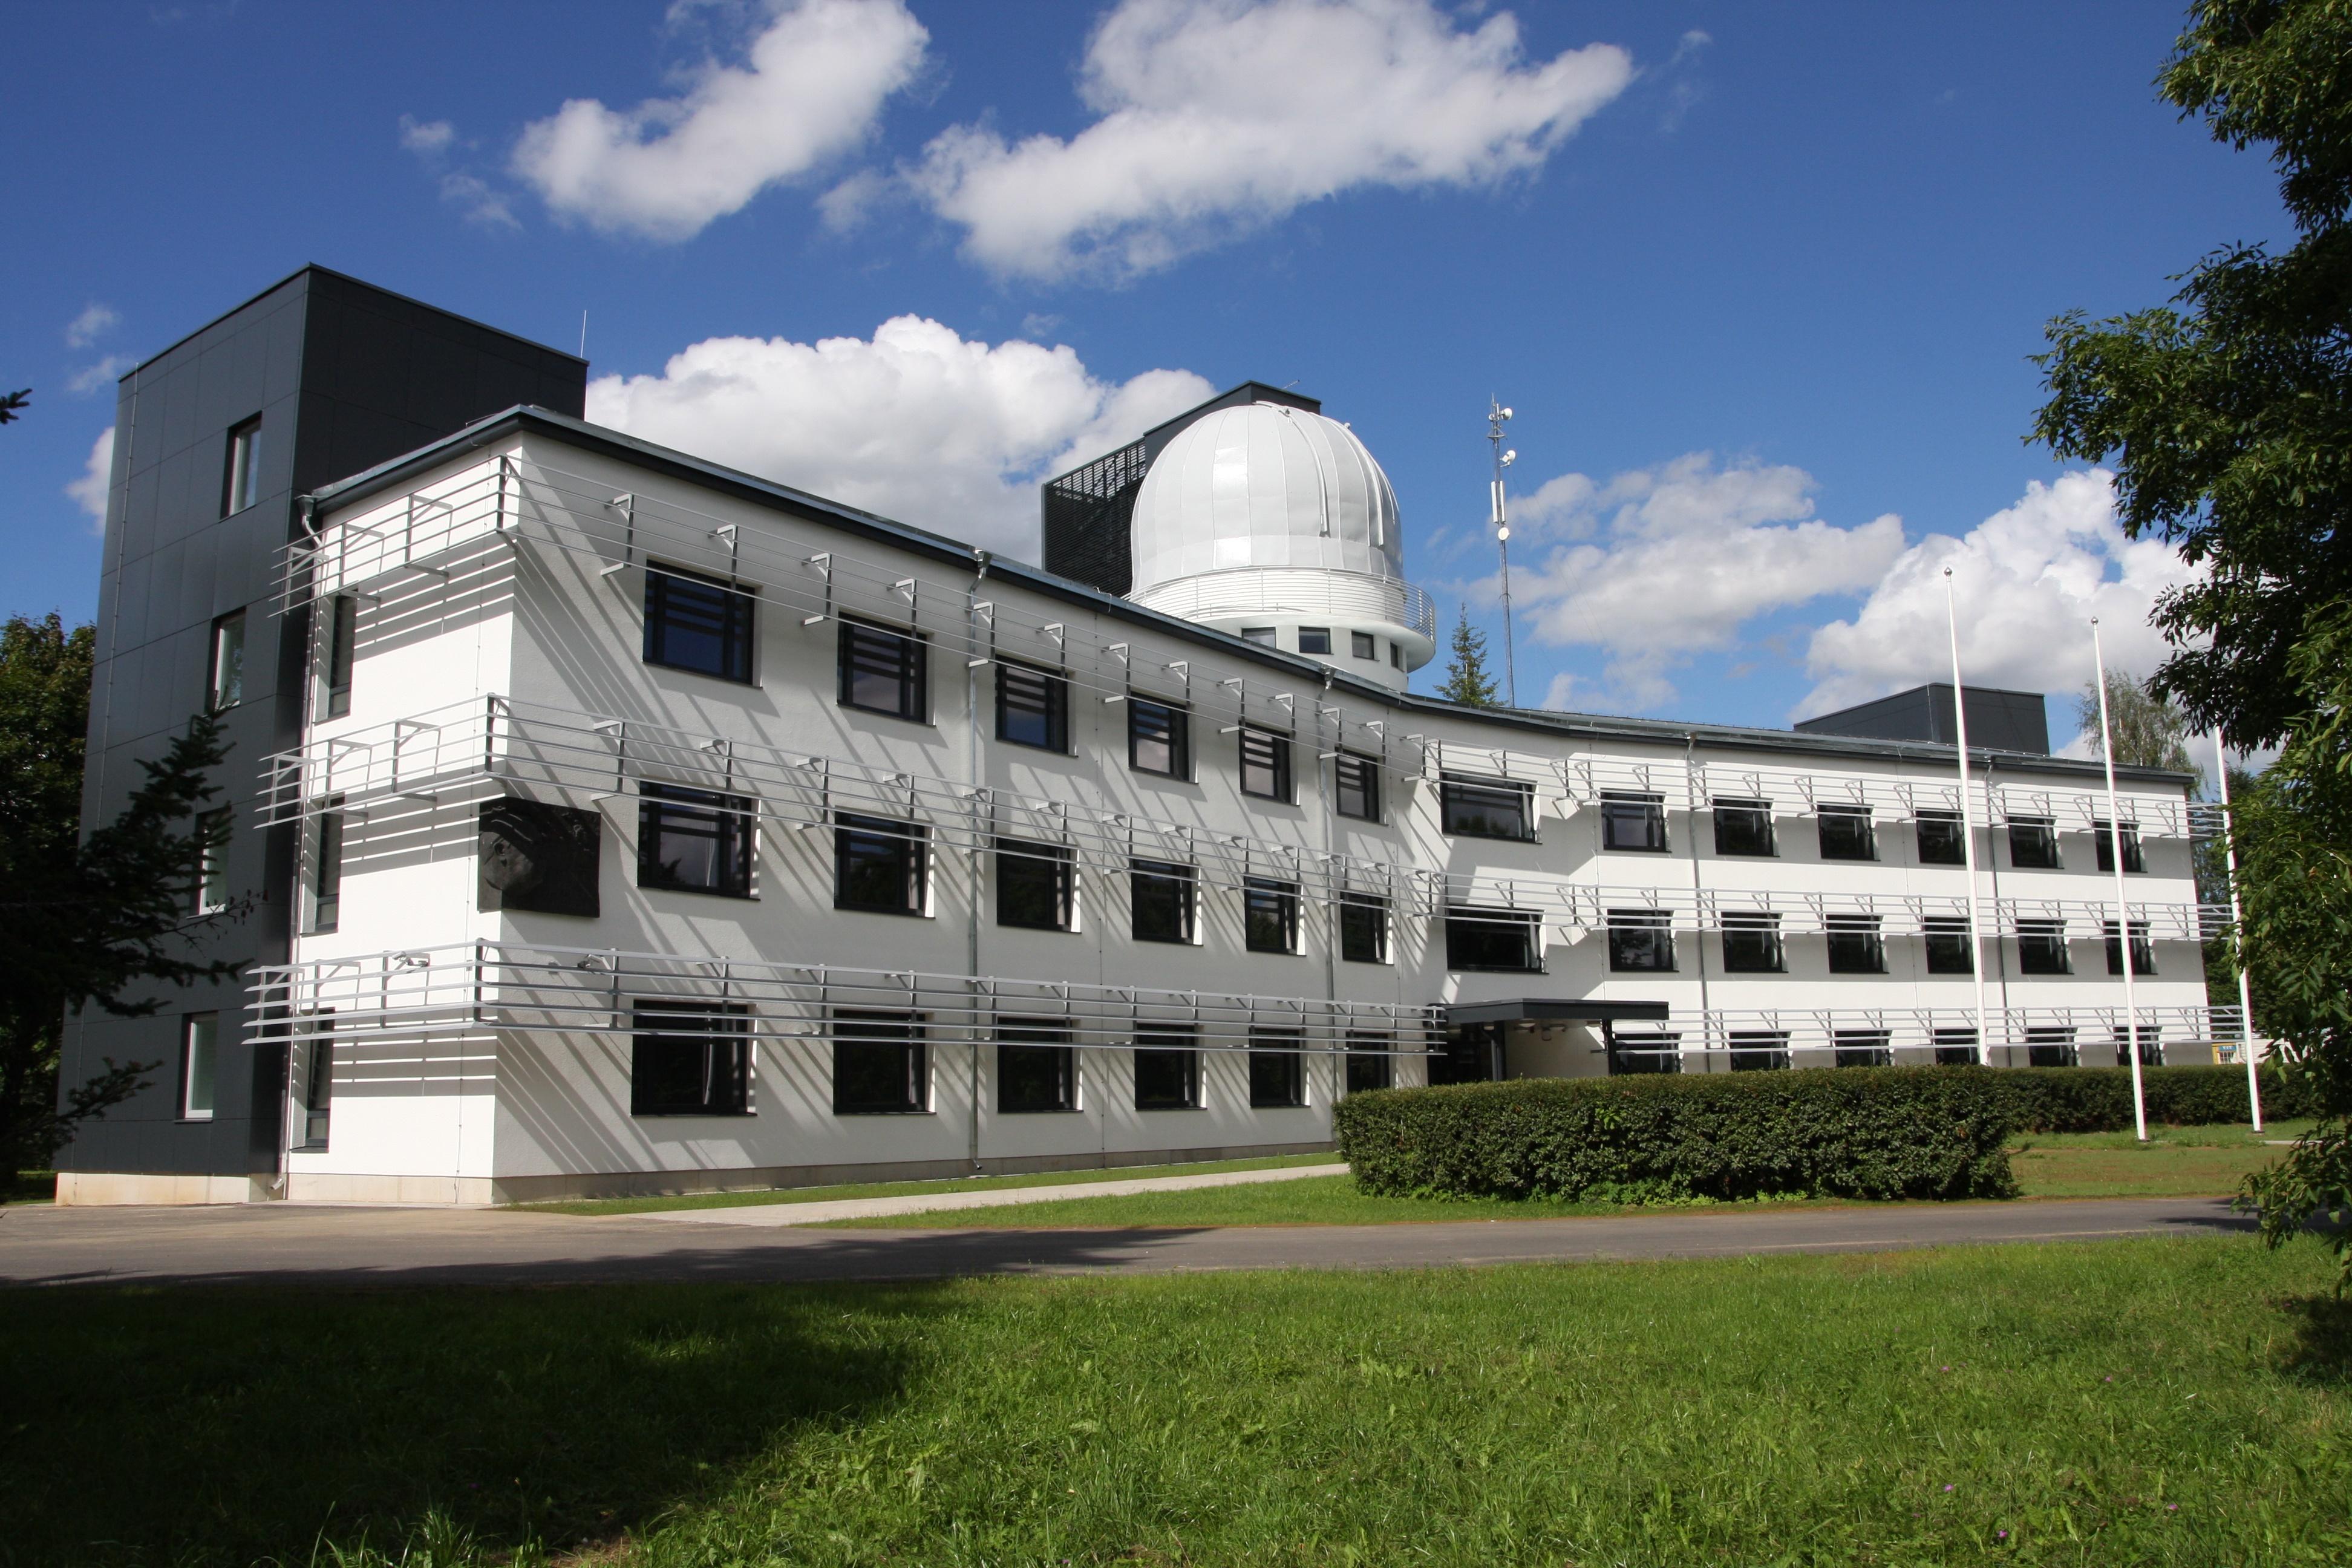 Seminar Teadlastelt elektroonikatööstusele, Tartu Observatooriumis Tõraveres, 29. märtsil 2017